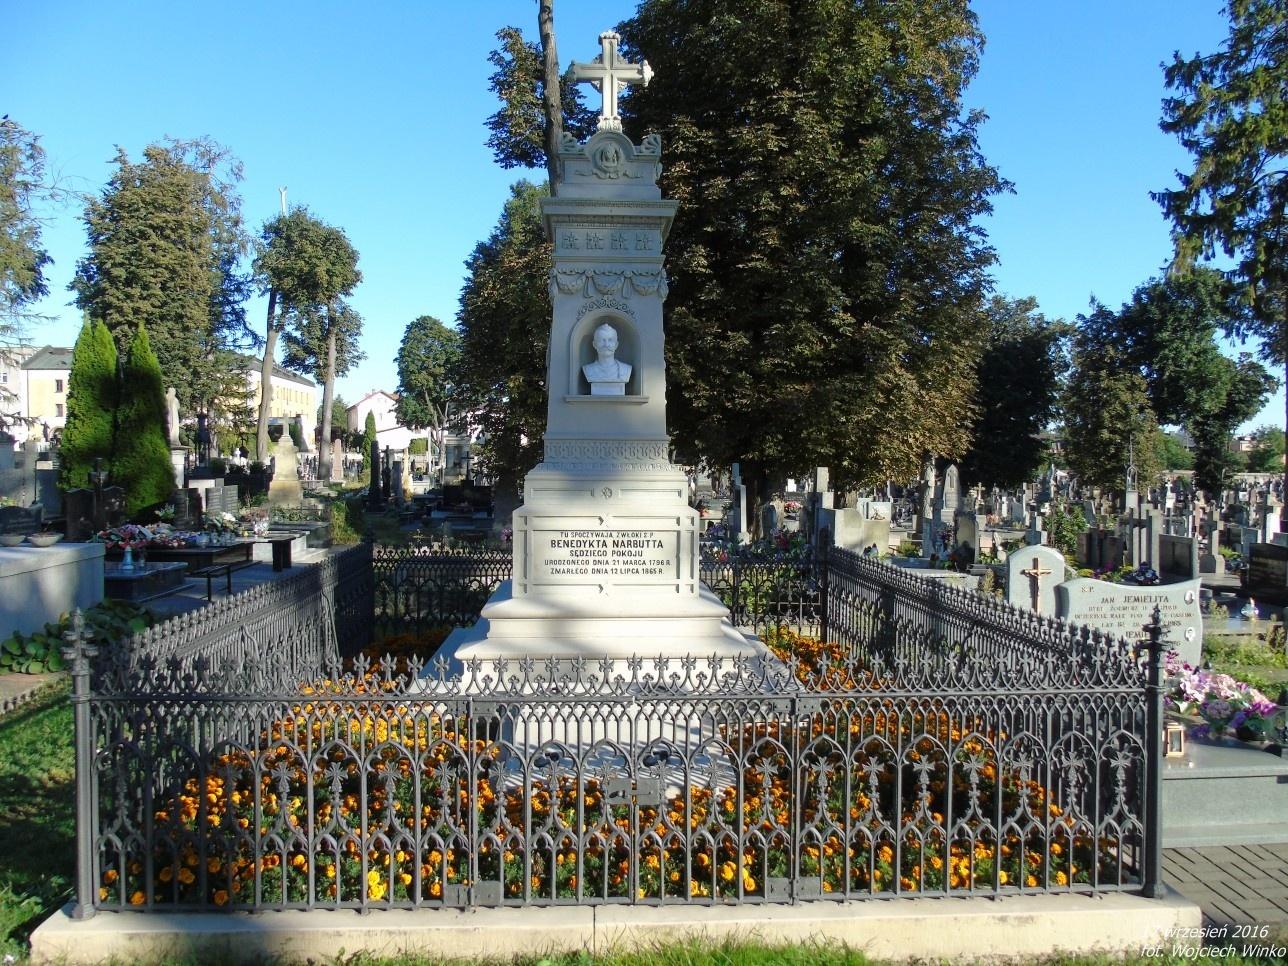 Grobowiec rodziny Narbuttów, z której wywodzi się Benedykt Narbutt - Sędzia Pokoju